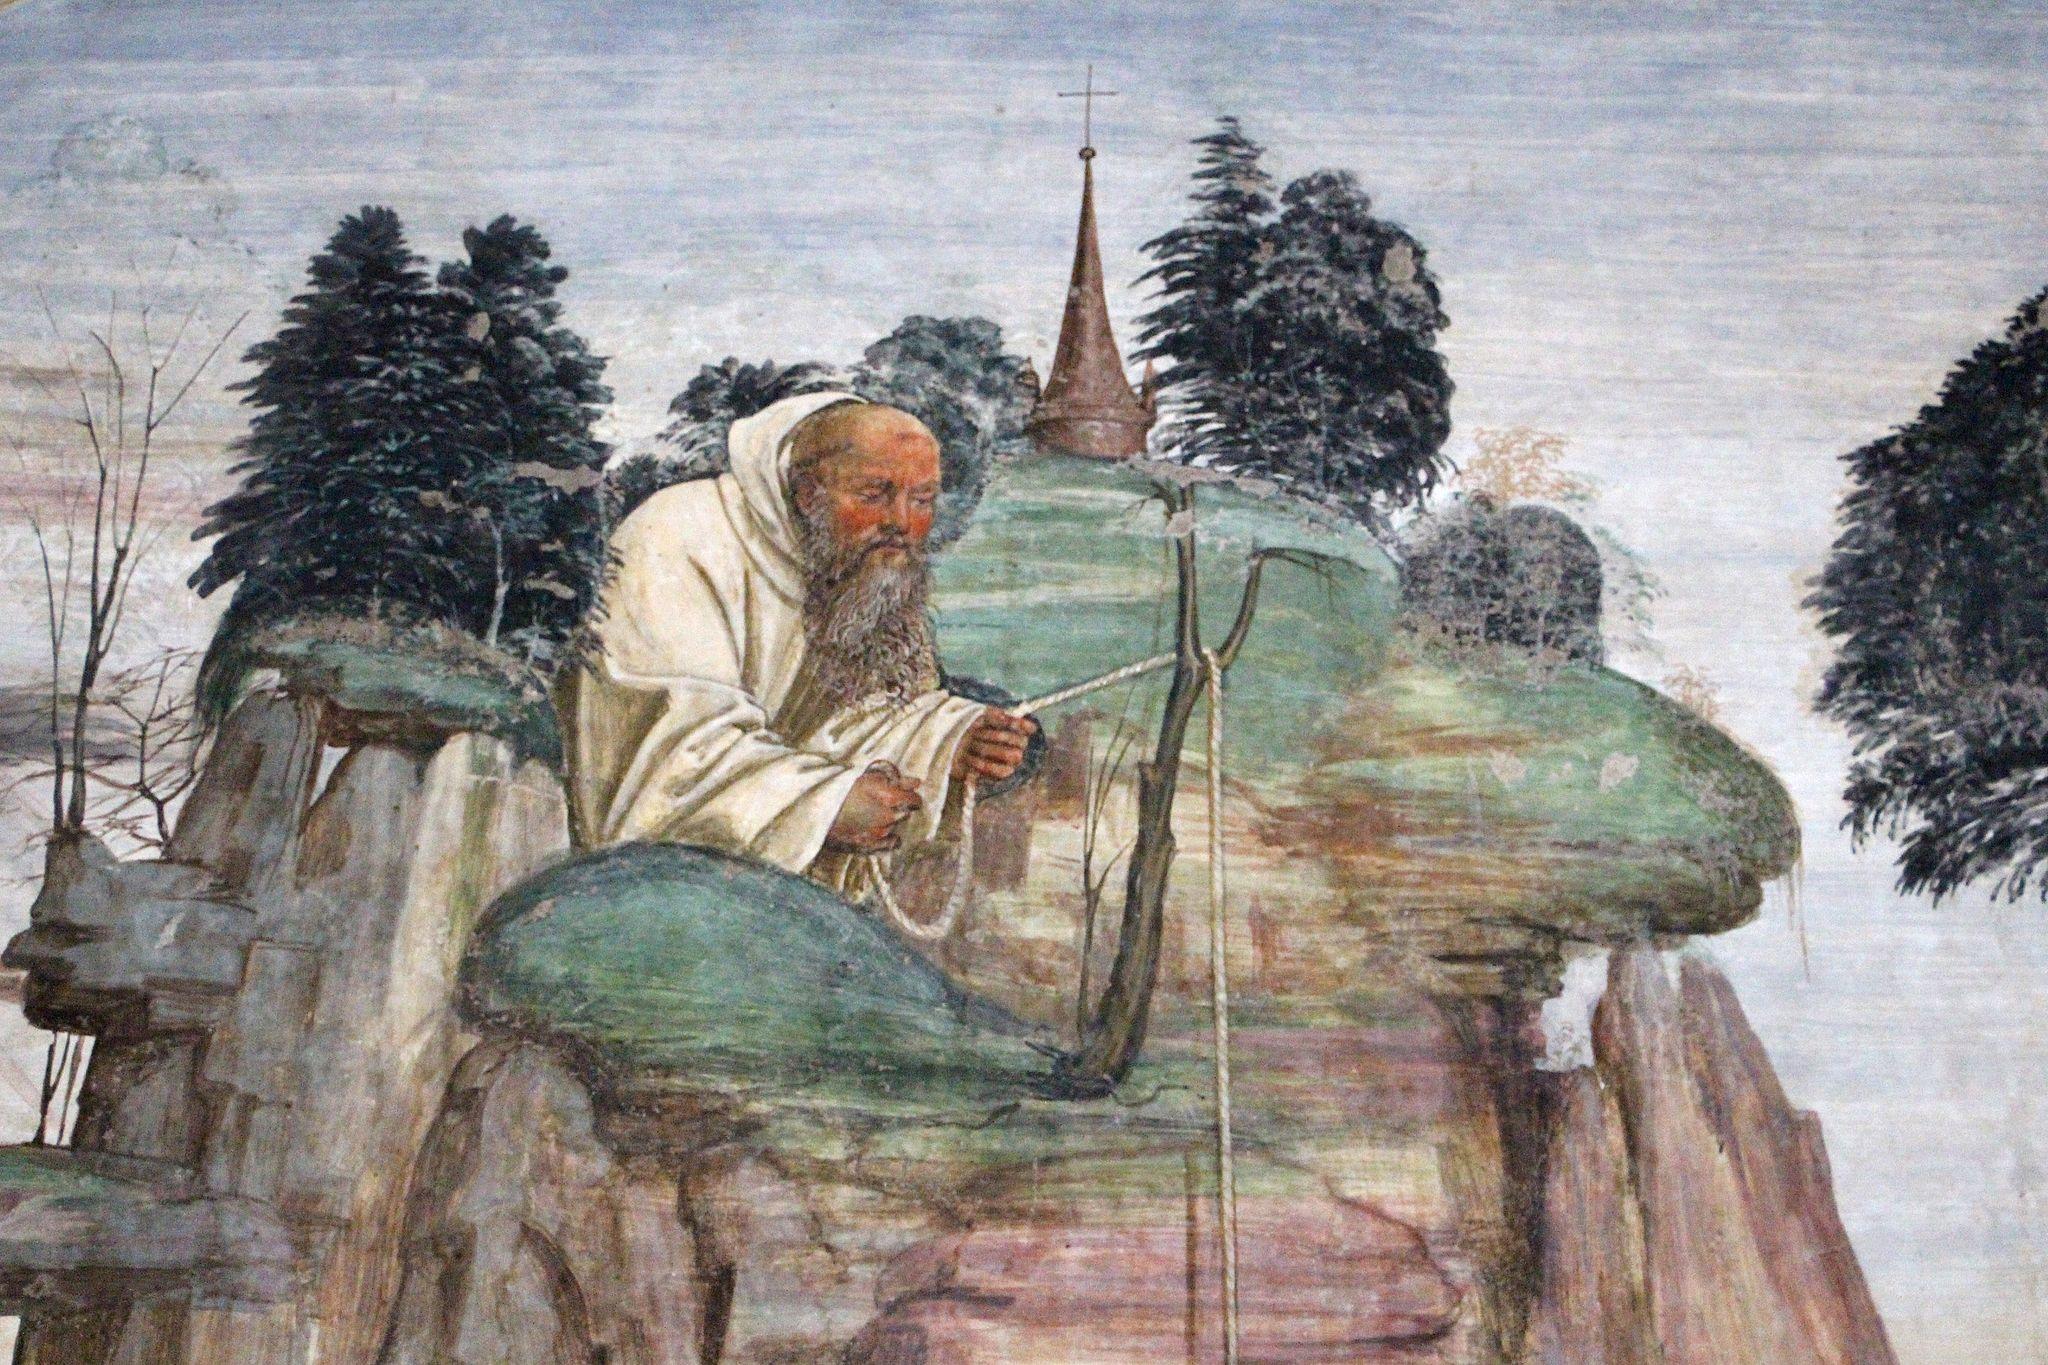 Storie di s. benedetto, 05 sodoma - Come lo dimonio rompe la campanella 03